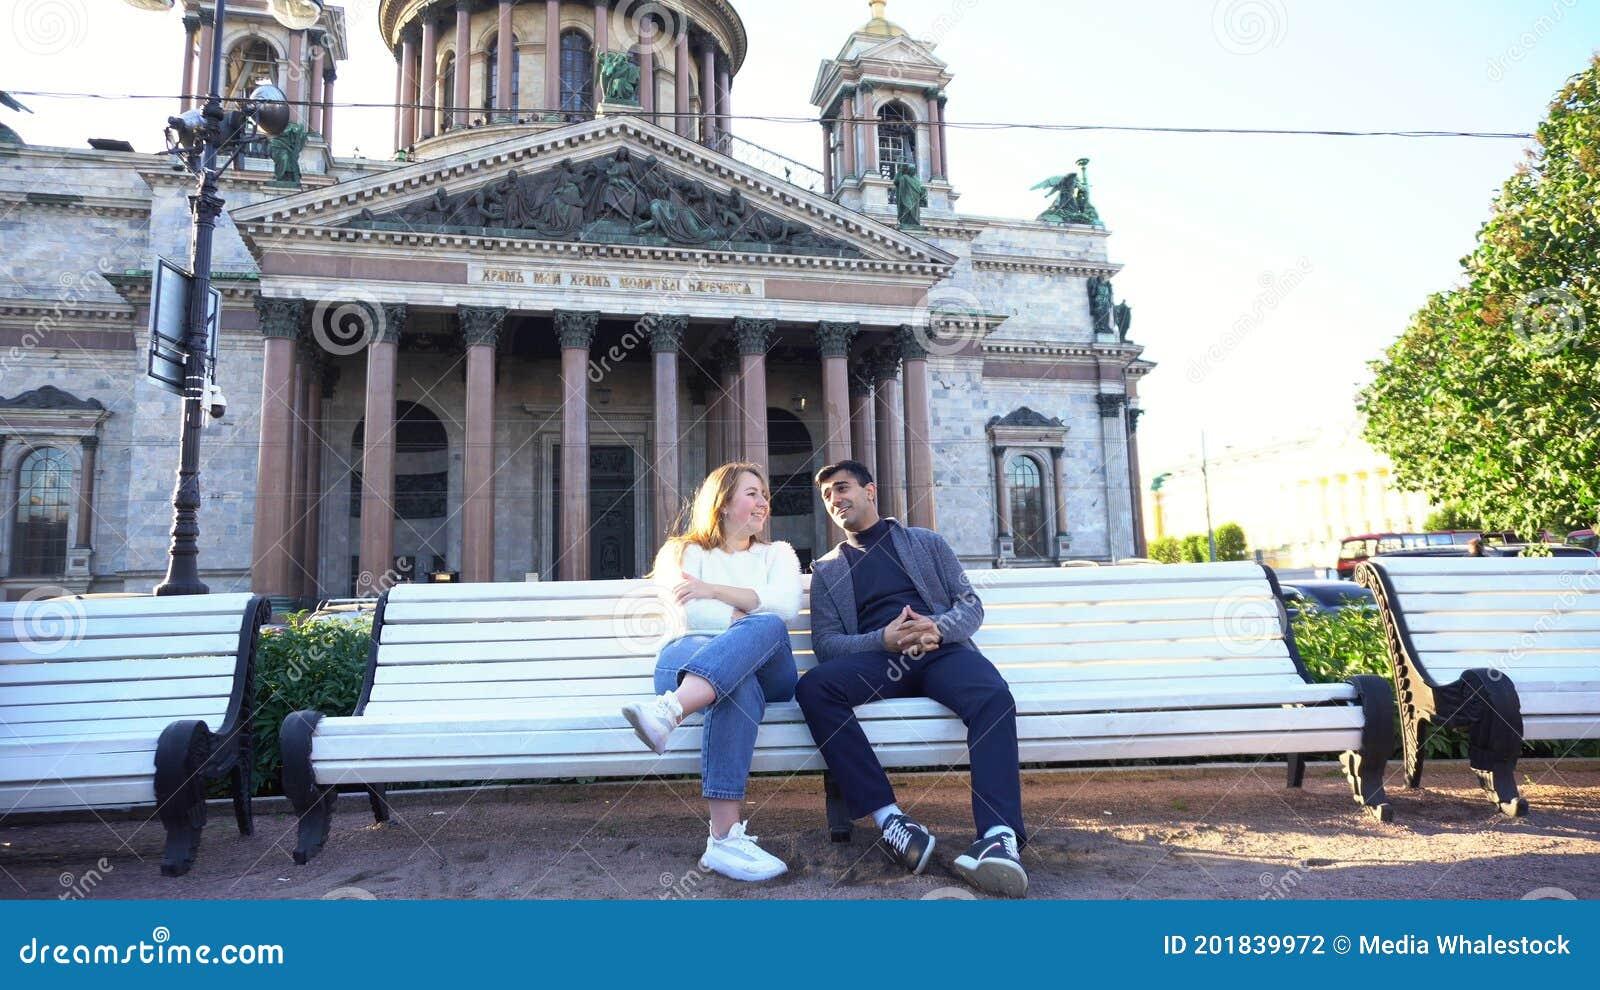 Marta / 36 / Femeie / Saint Petersburg, St. Petersburg, Rusia | povaralibertatii.ro